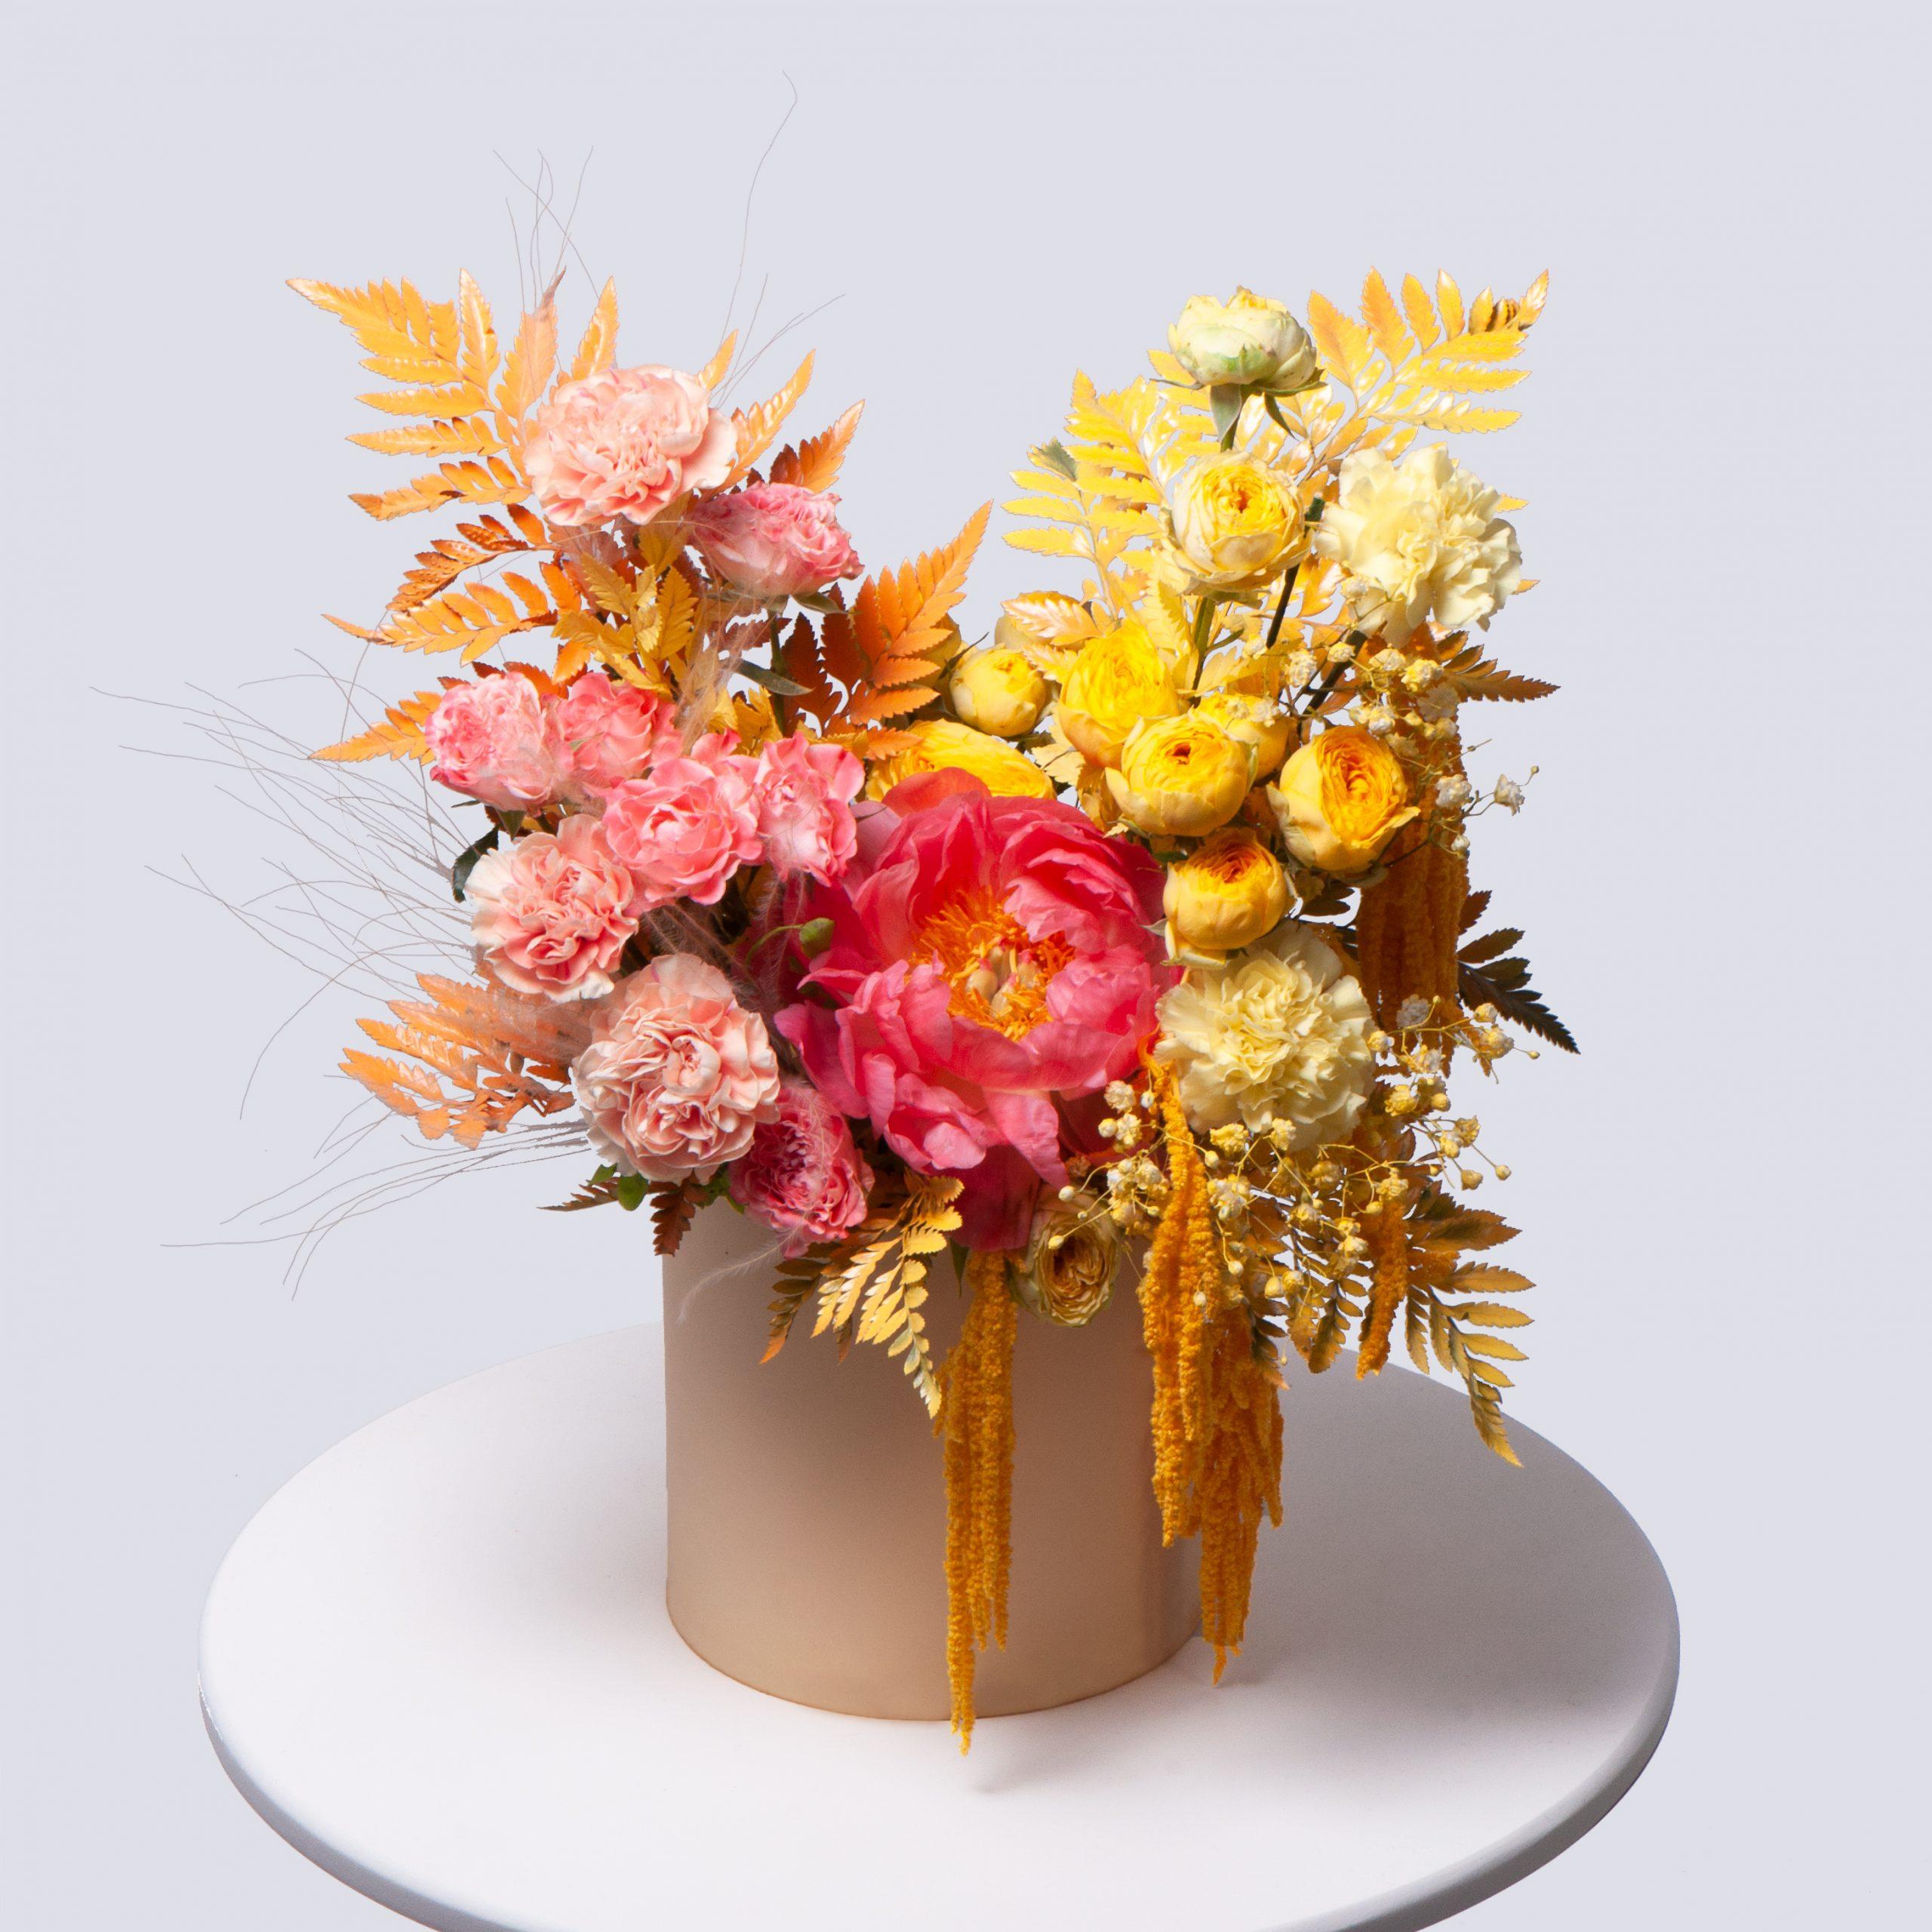 Коробка в розово-оранжевой гамме №5 - купить цветы в Санкт Петербурге